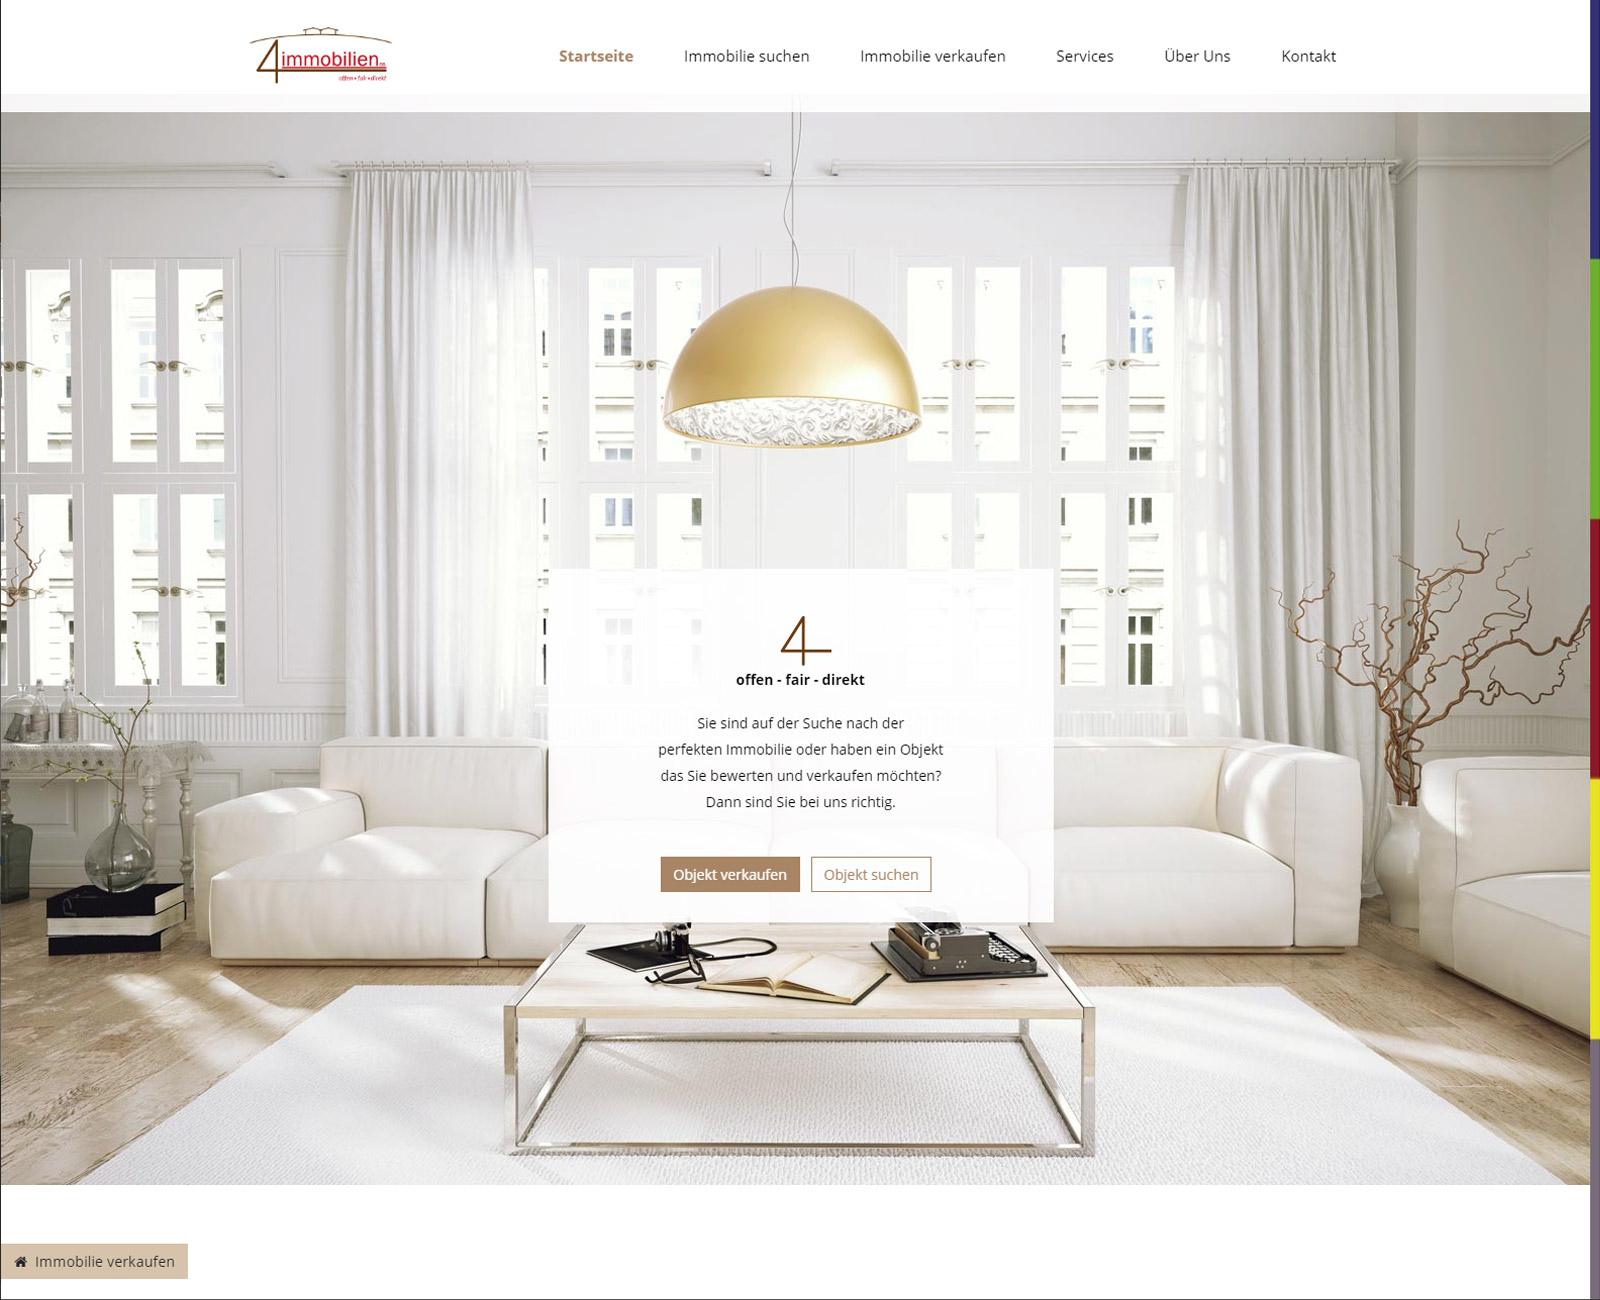 4immobilien Website nach Redesign